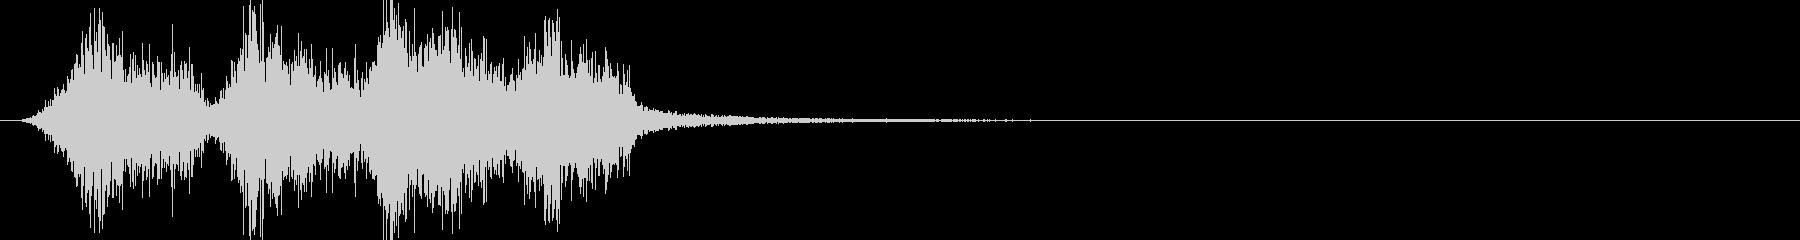 テロップ、説明文の間違いを消す効果音の未再生の波形